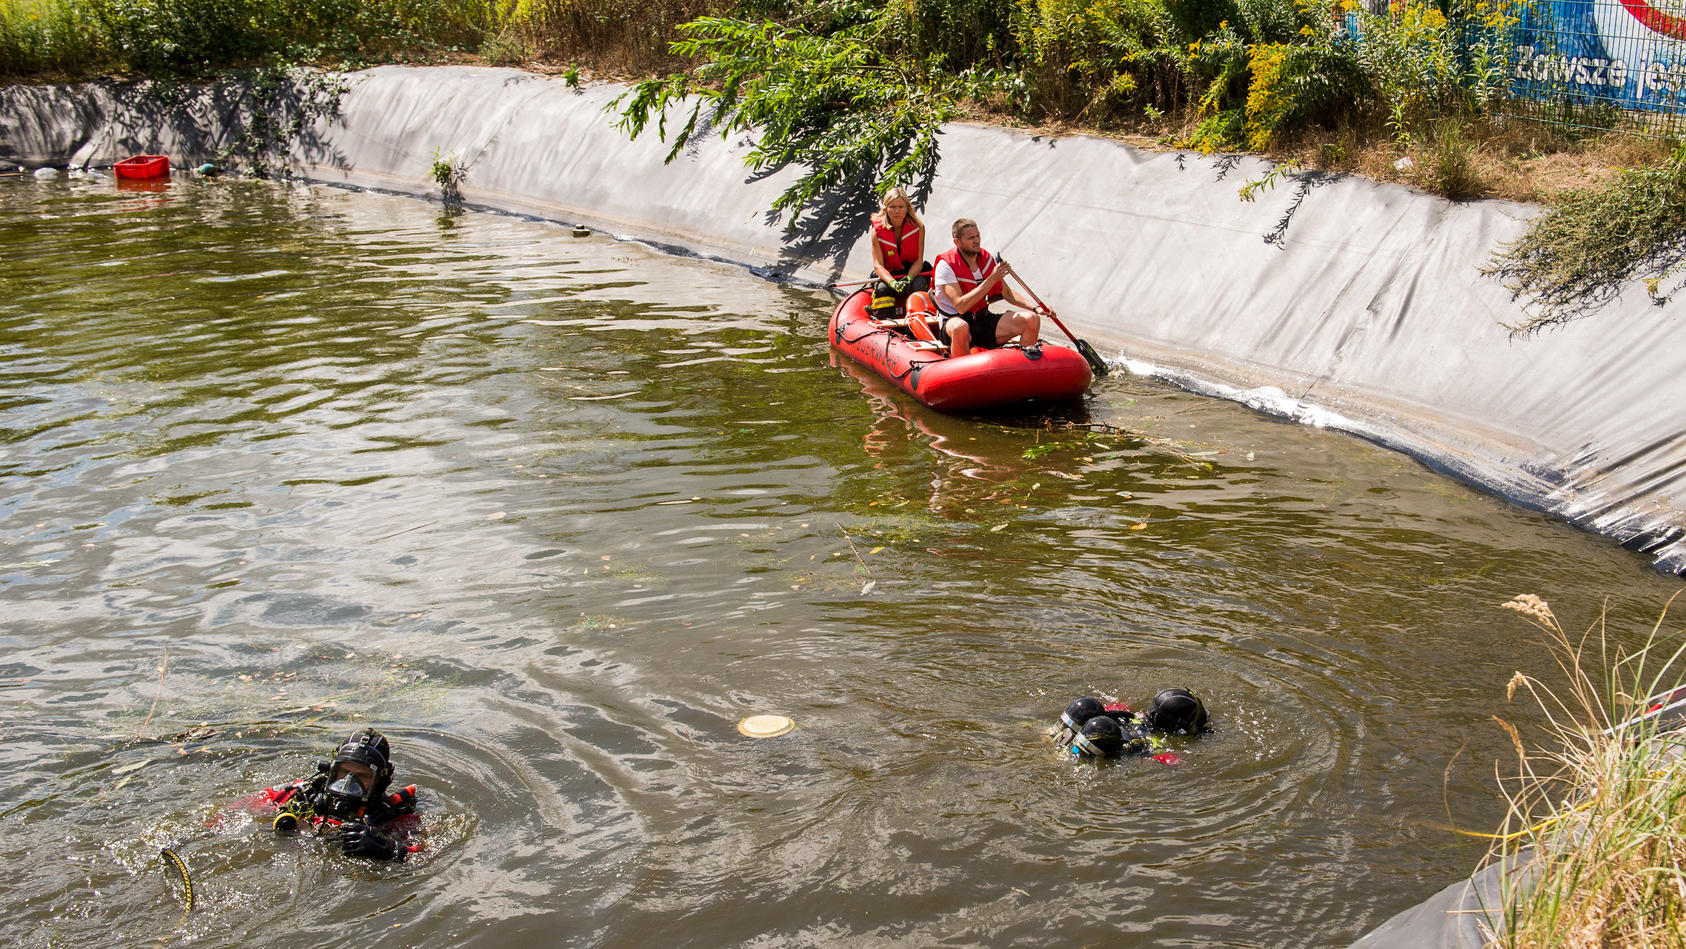 Taucher suchen in dem Wasserbecken nach weiteren Kindern. Zunächst war nicht klar, wie viele in das Becken gefallen sind.